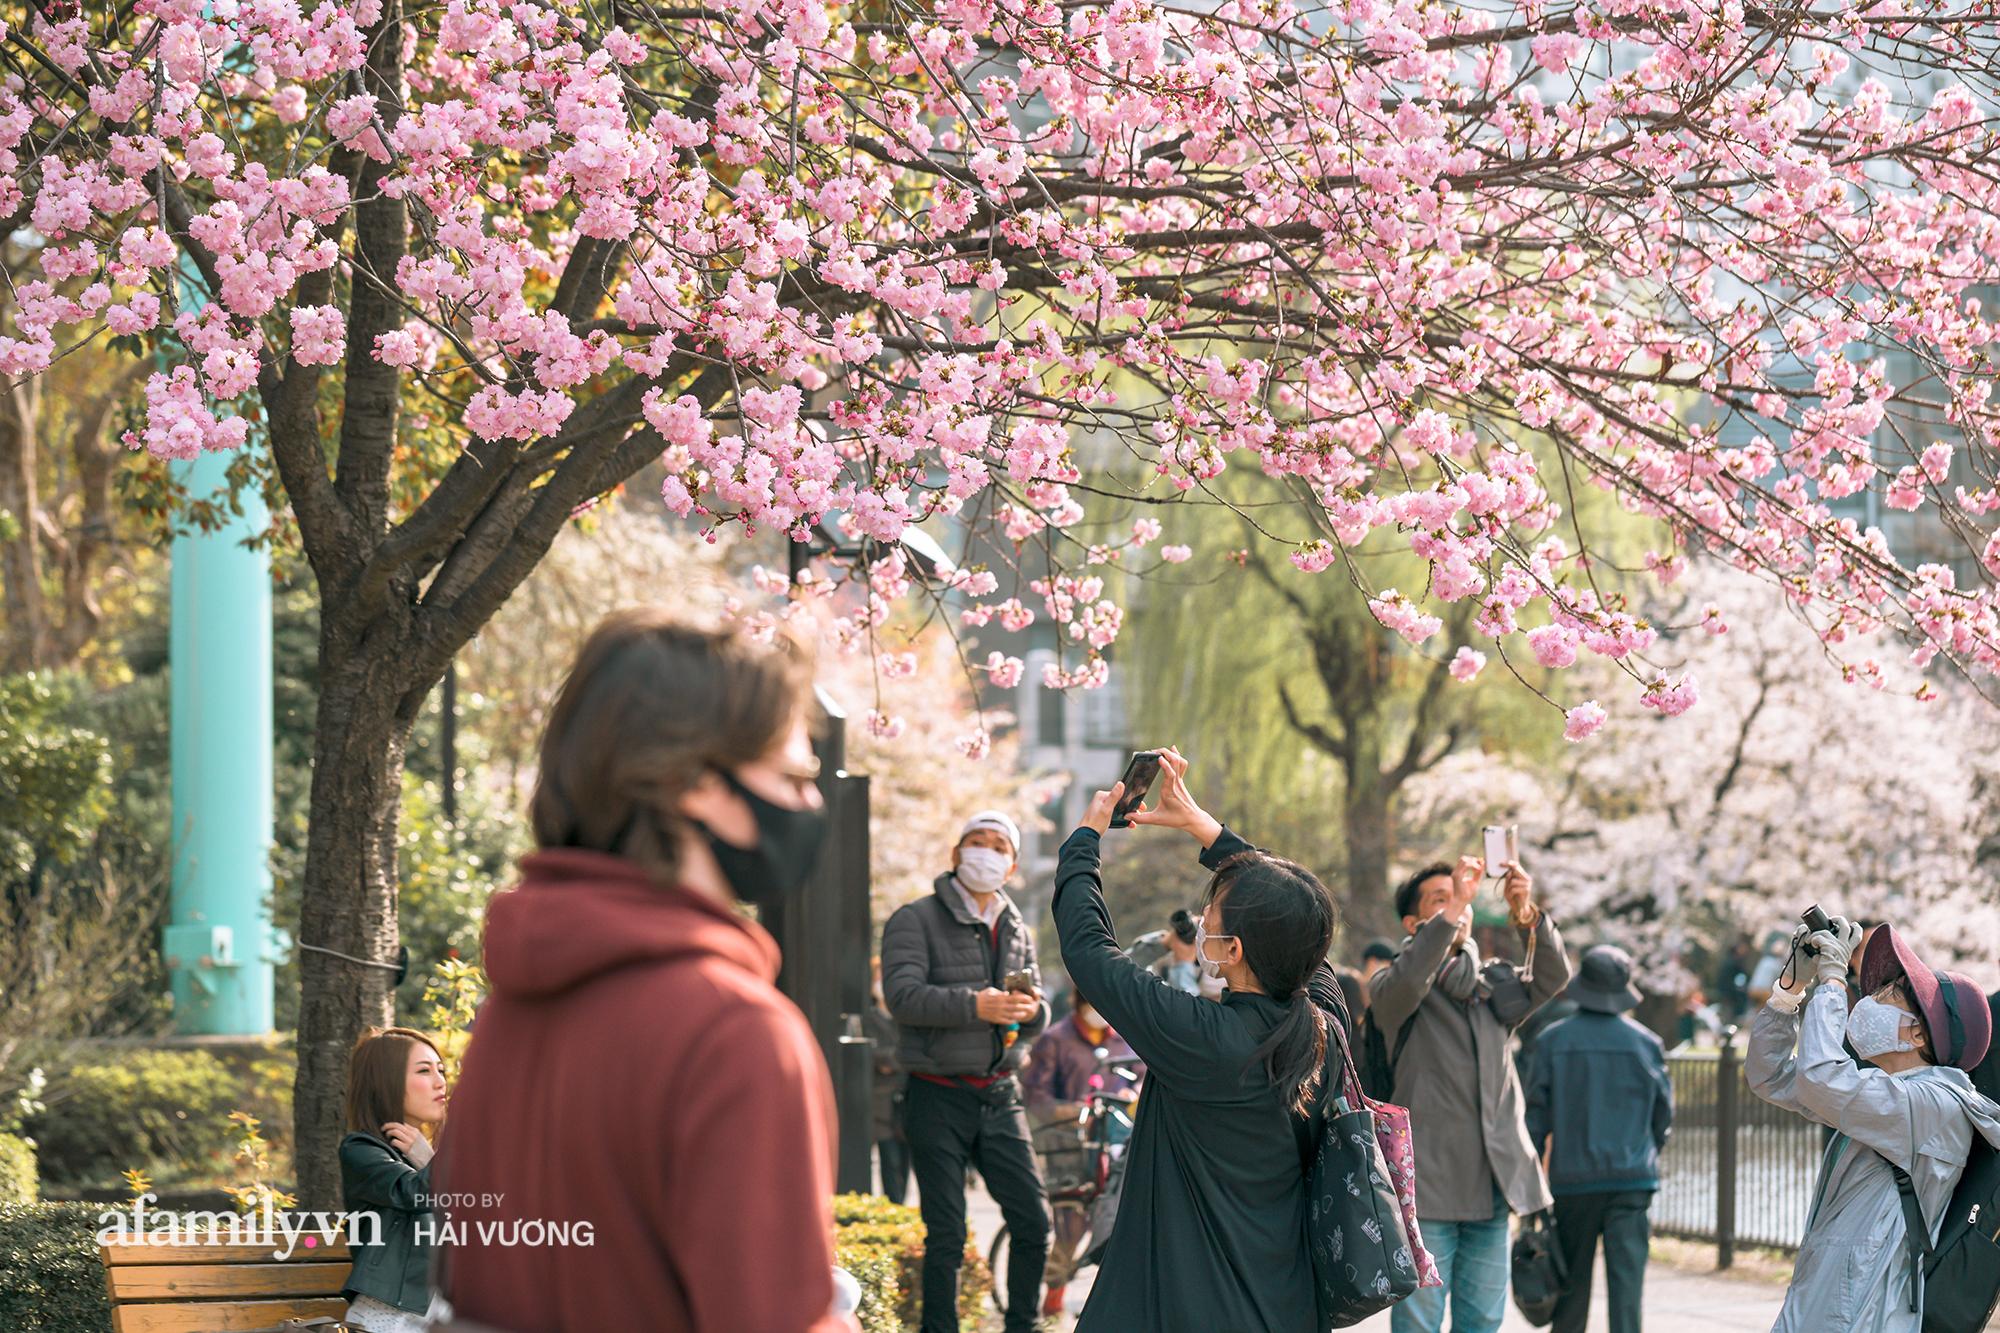 Đẹp ngây ngất cảnh tượng toàn bộ thủ đô Tokyo được bảo trùm trong sắc hoa anh đào nở sớm nhất trong 1.200 năm - Ảnh 8.